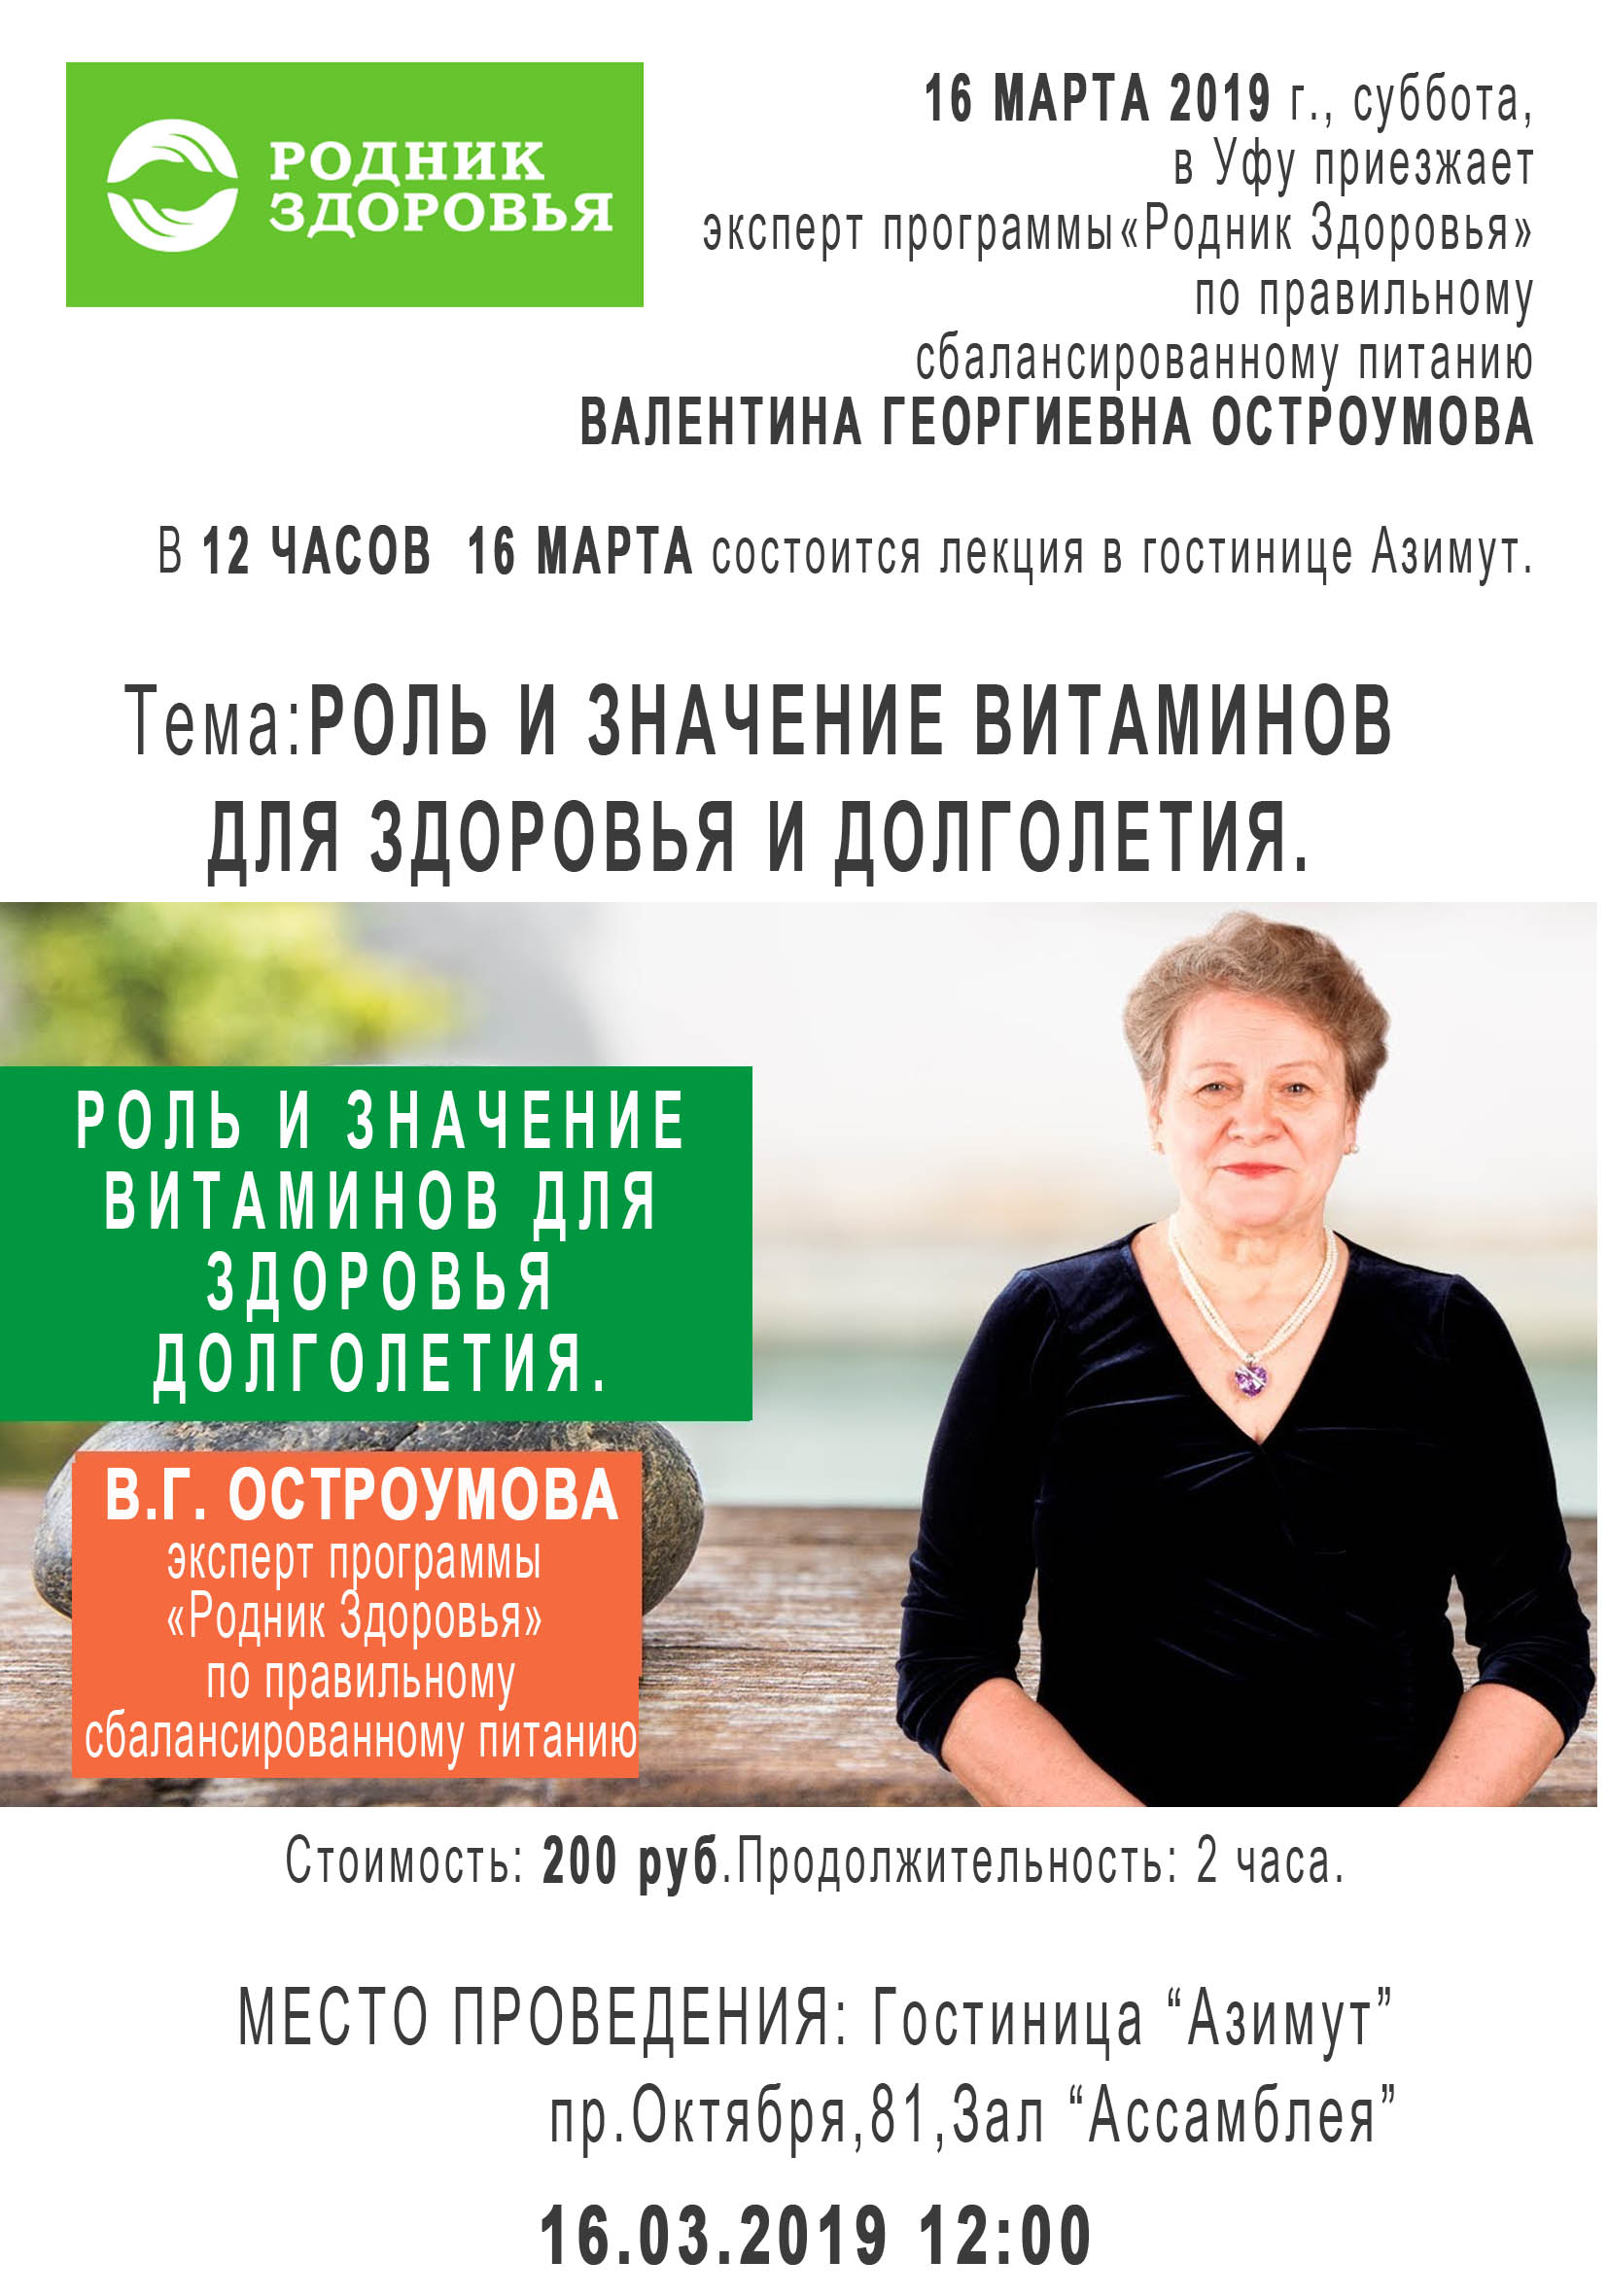 Остроумова ‒ эксперт программы по правильному сбалансированному питанию